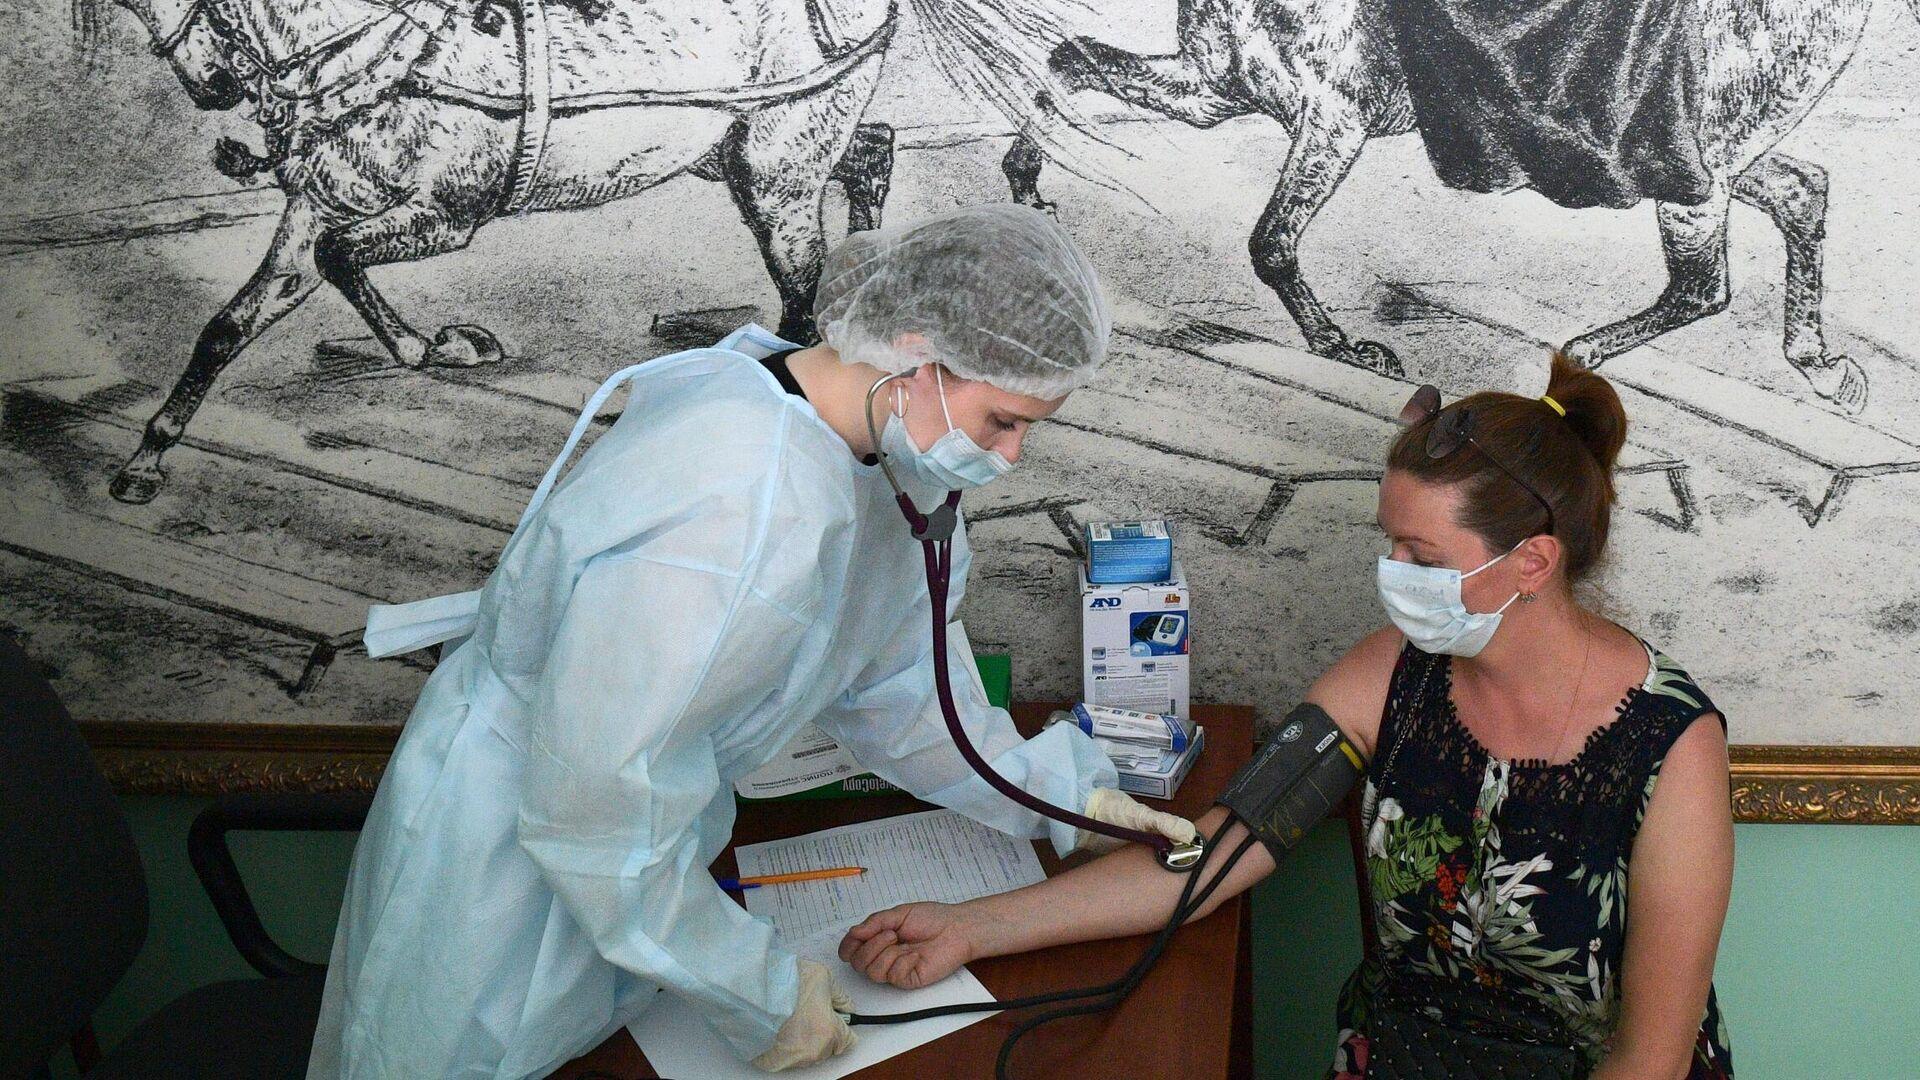 Медицинский сотрудник измеряет давление женщине перед вакцинацией от COVID-19 в Санкт-Петербурге - РИА Новости, 1920, 20.07.2021